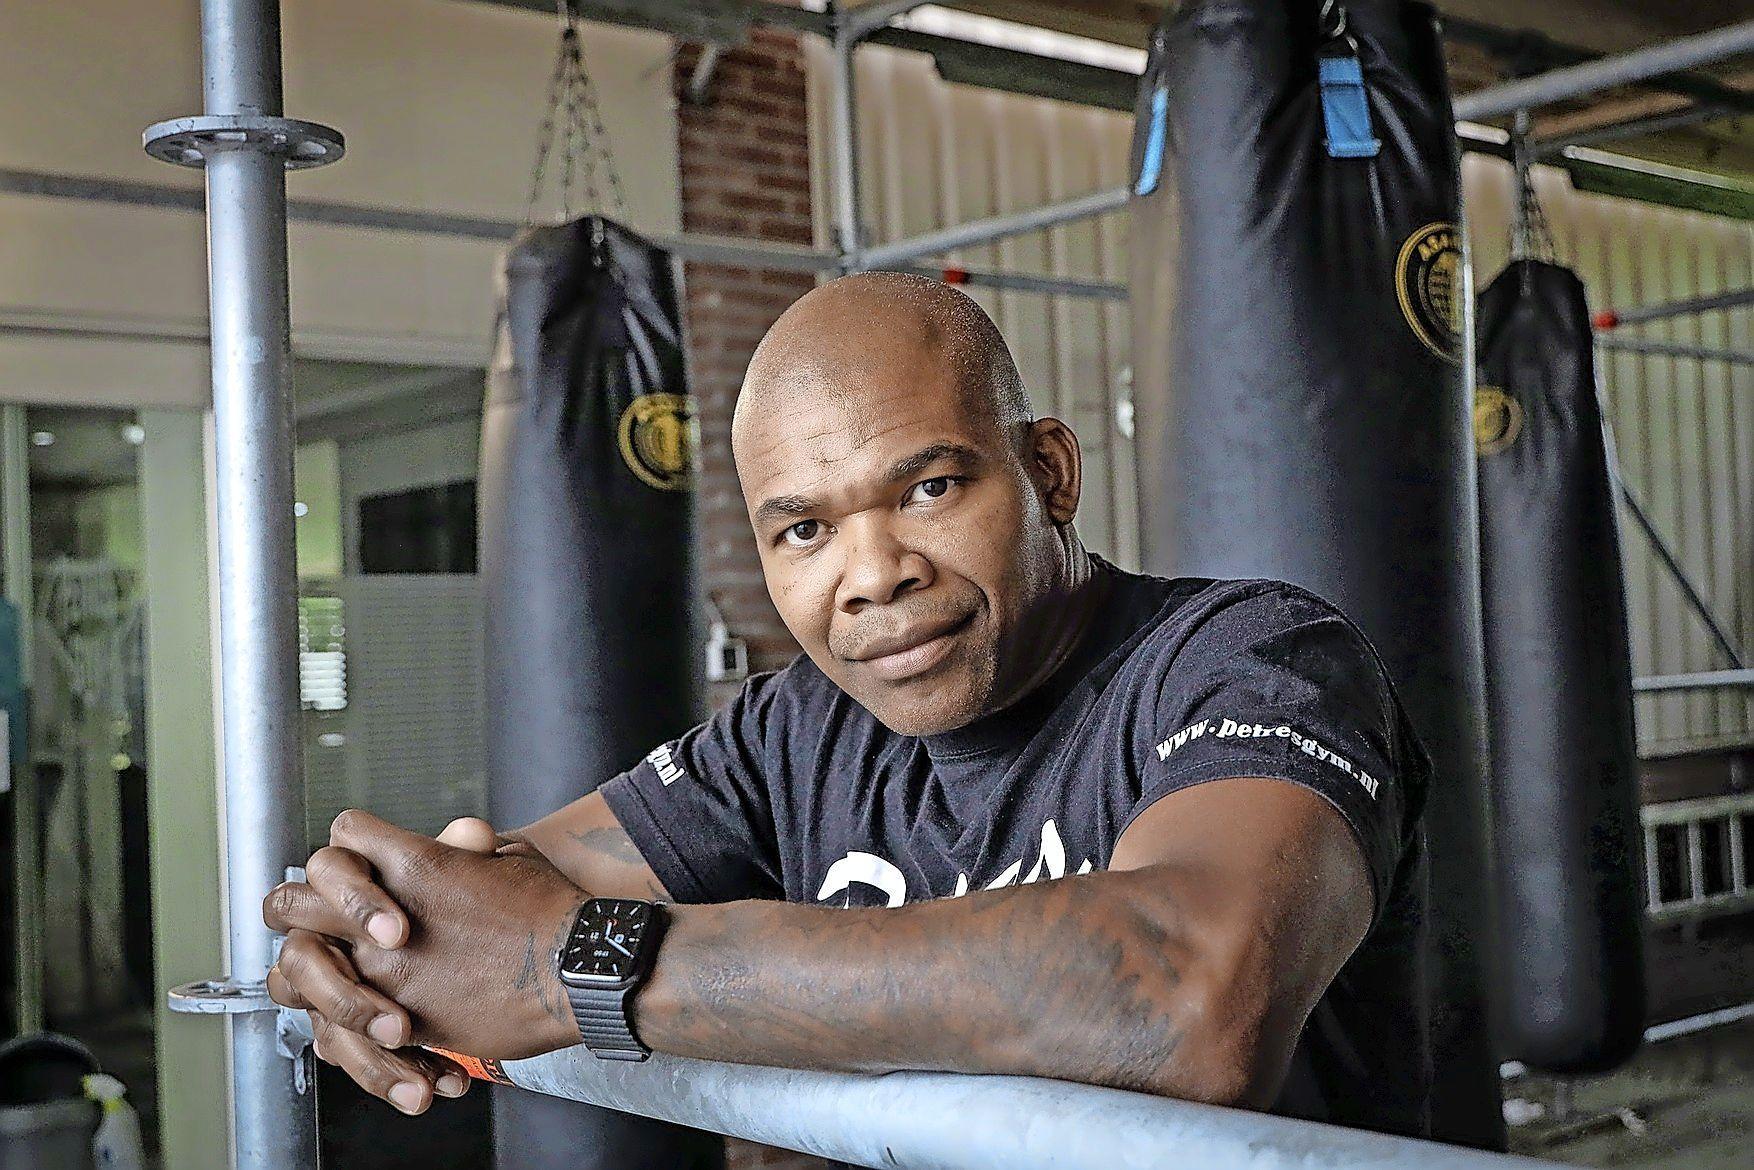 Kickbokser Clyde Petres ging pas écht een gevecht aan na een dreun van de dokter. De bult bleek 'een tennisbal' en kwaadaardig bovendien